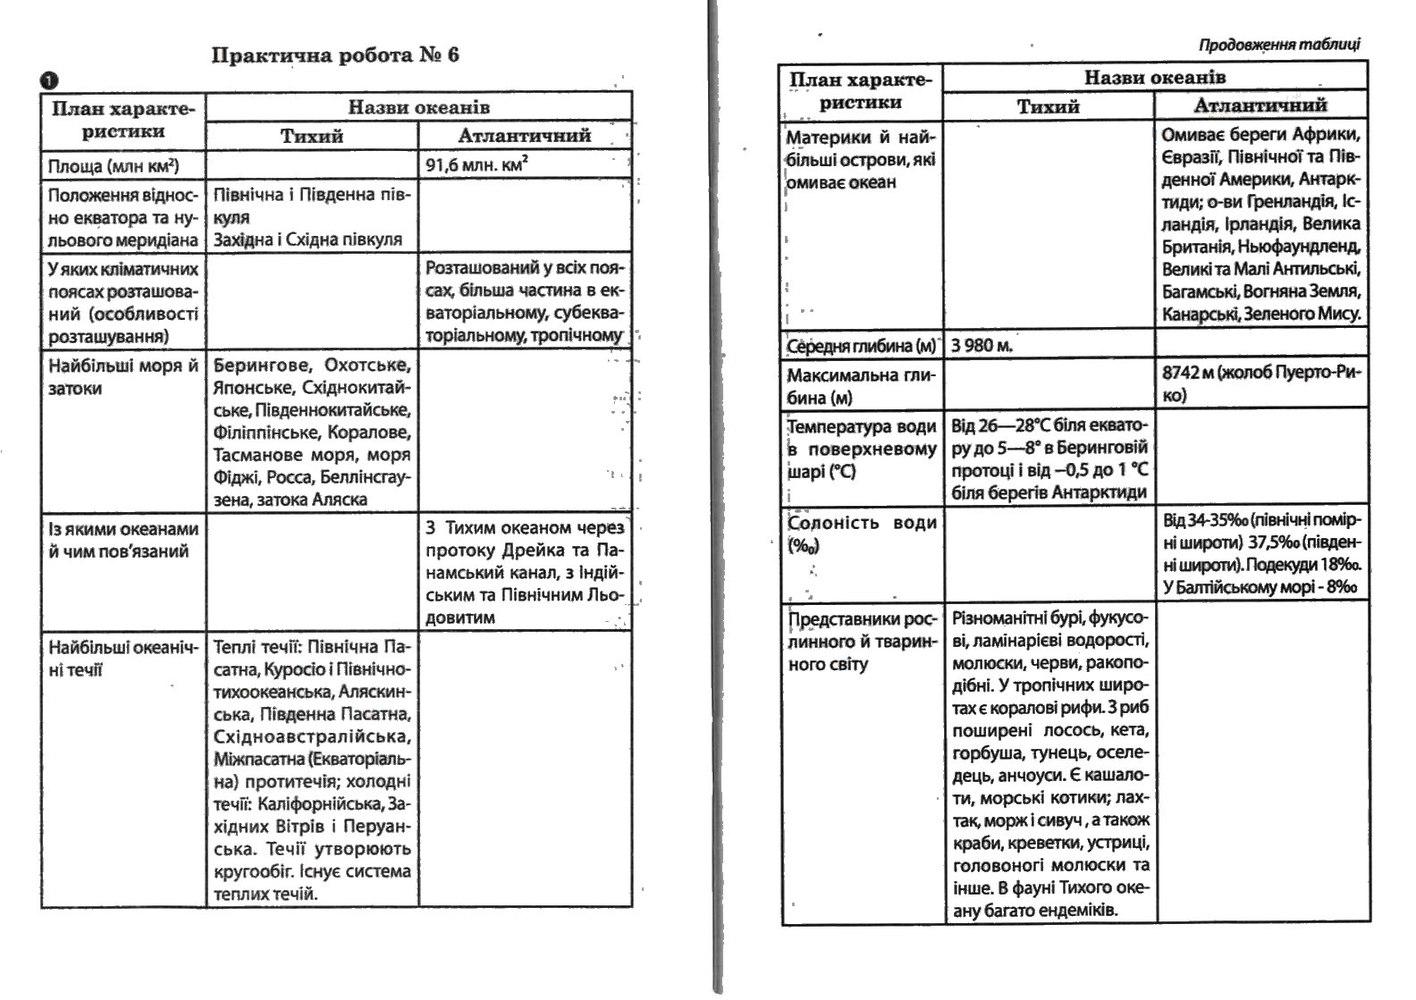 ГДЗ відповіді робочий зошит по географии 7 класс О.Г. Стадник. Задание: №6(1)